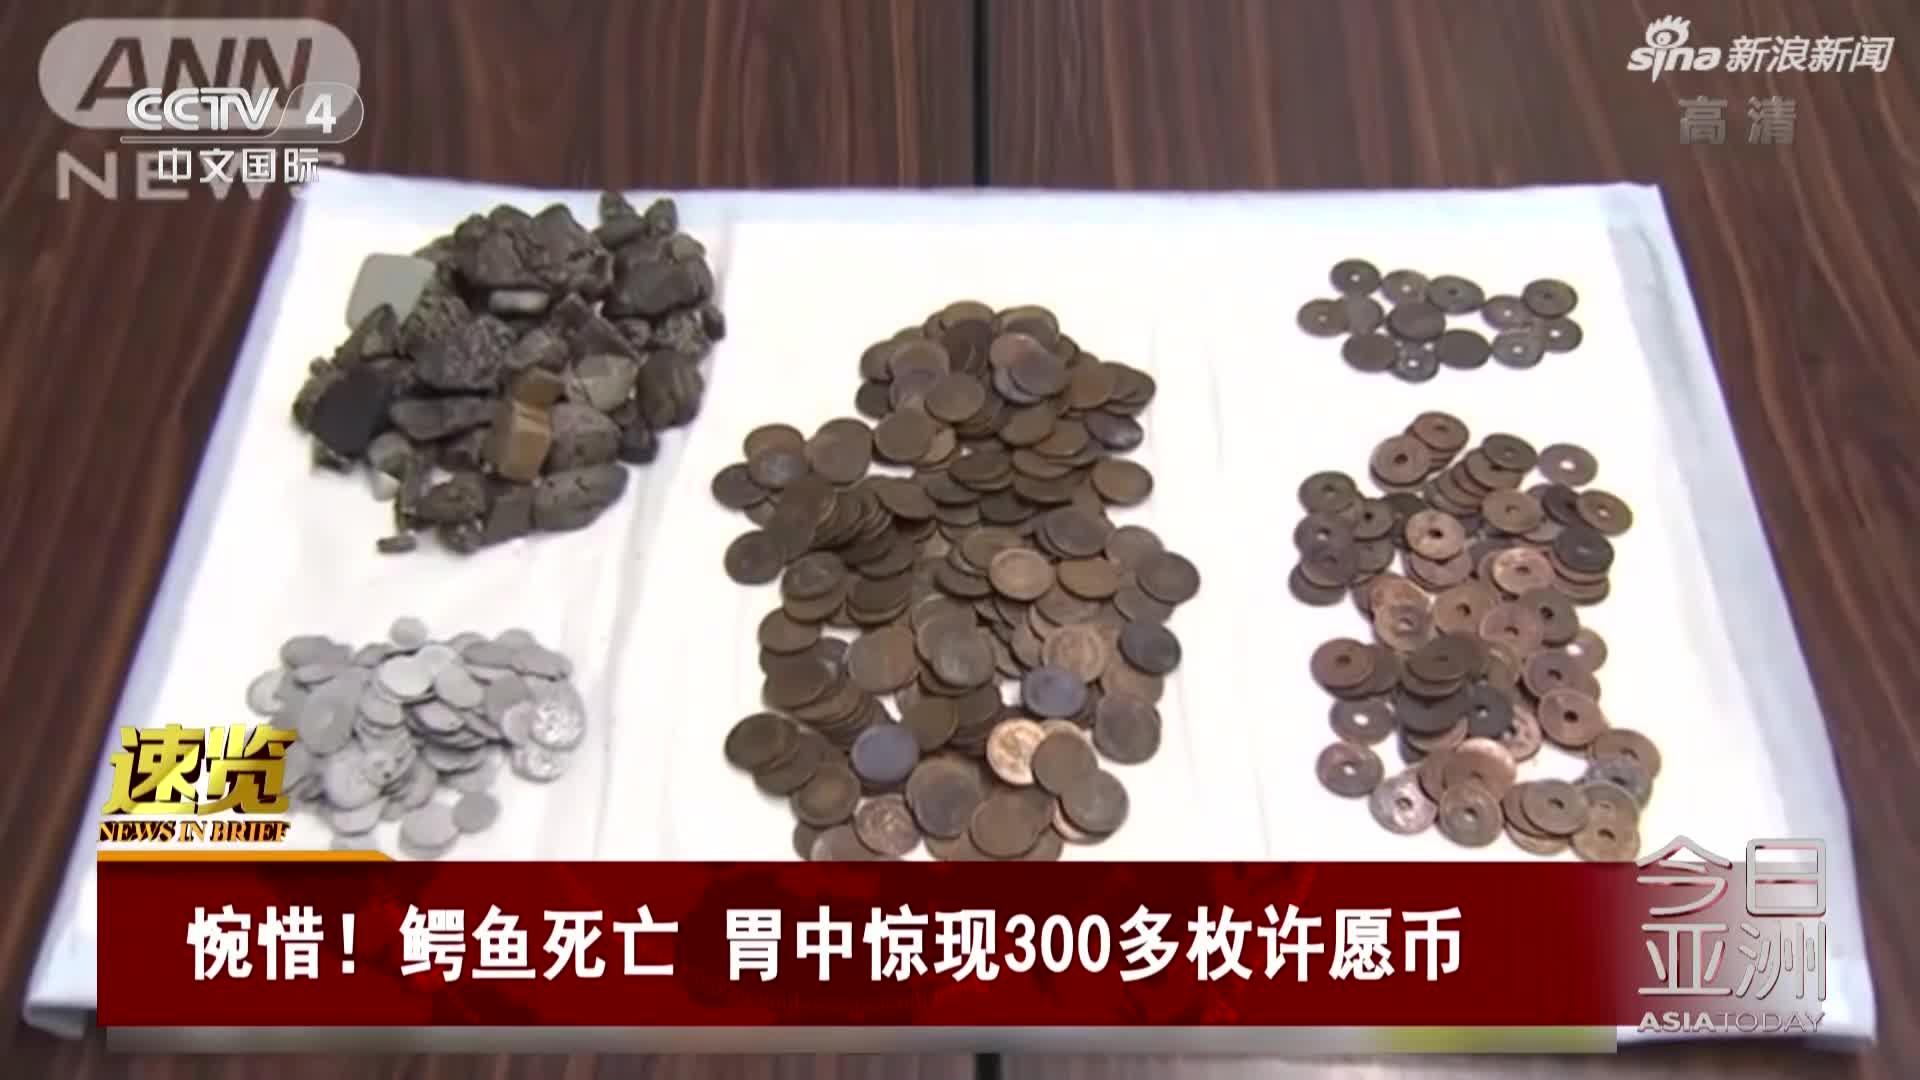 视频-惋惜!鳄鱼死亡  胃中惊现300多枚许愿币